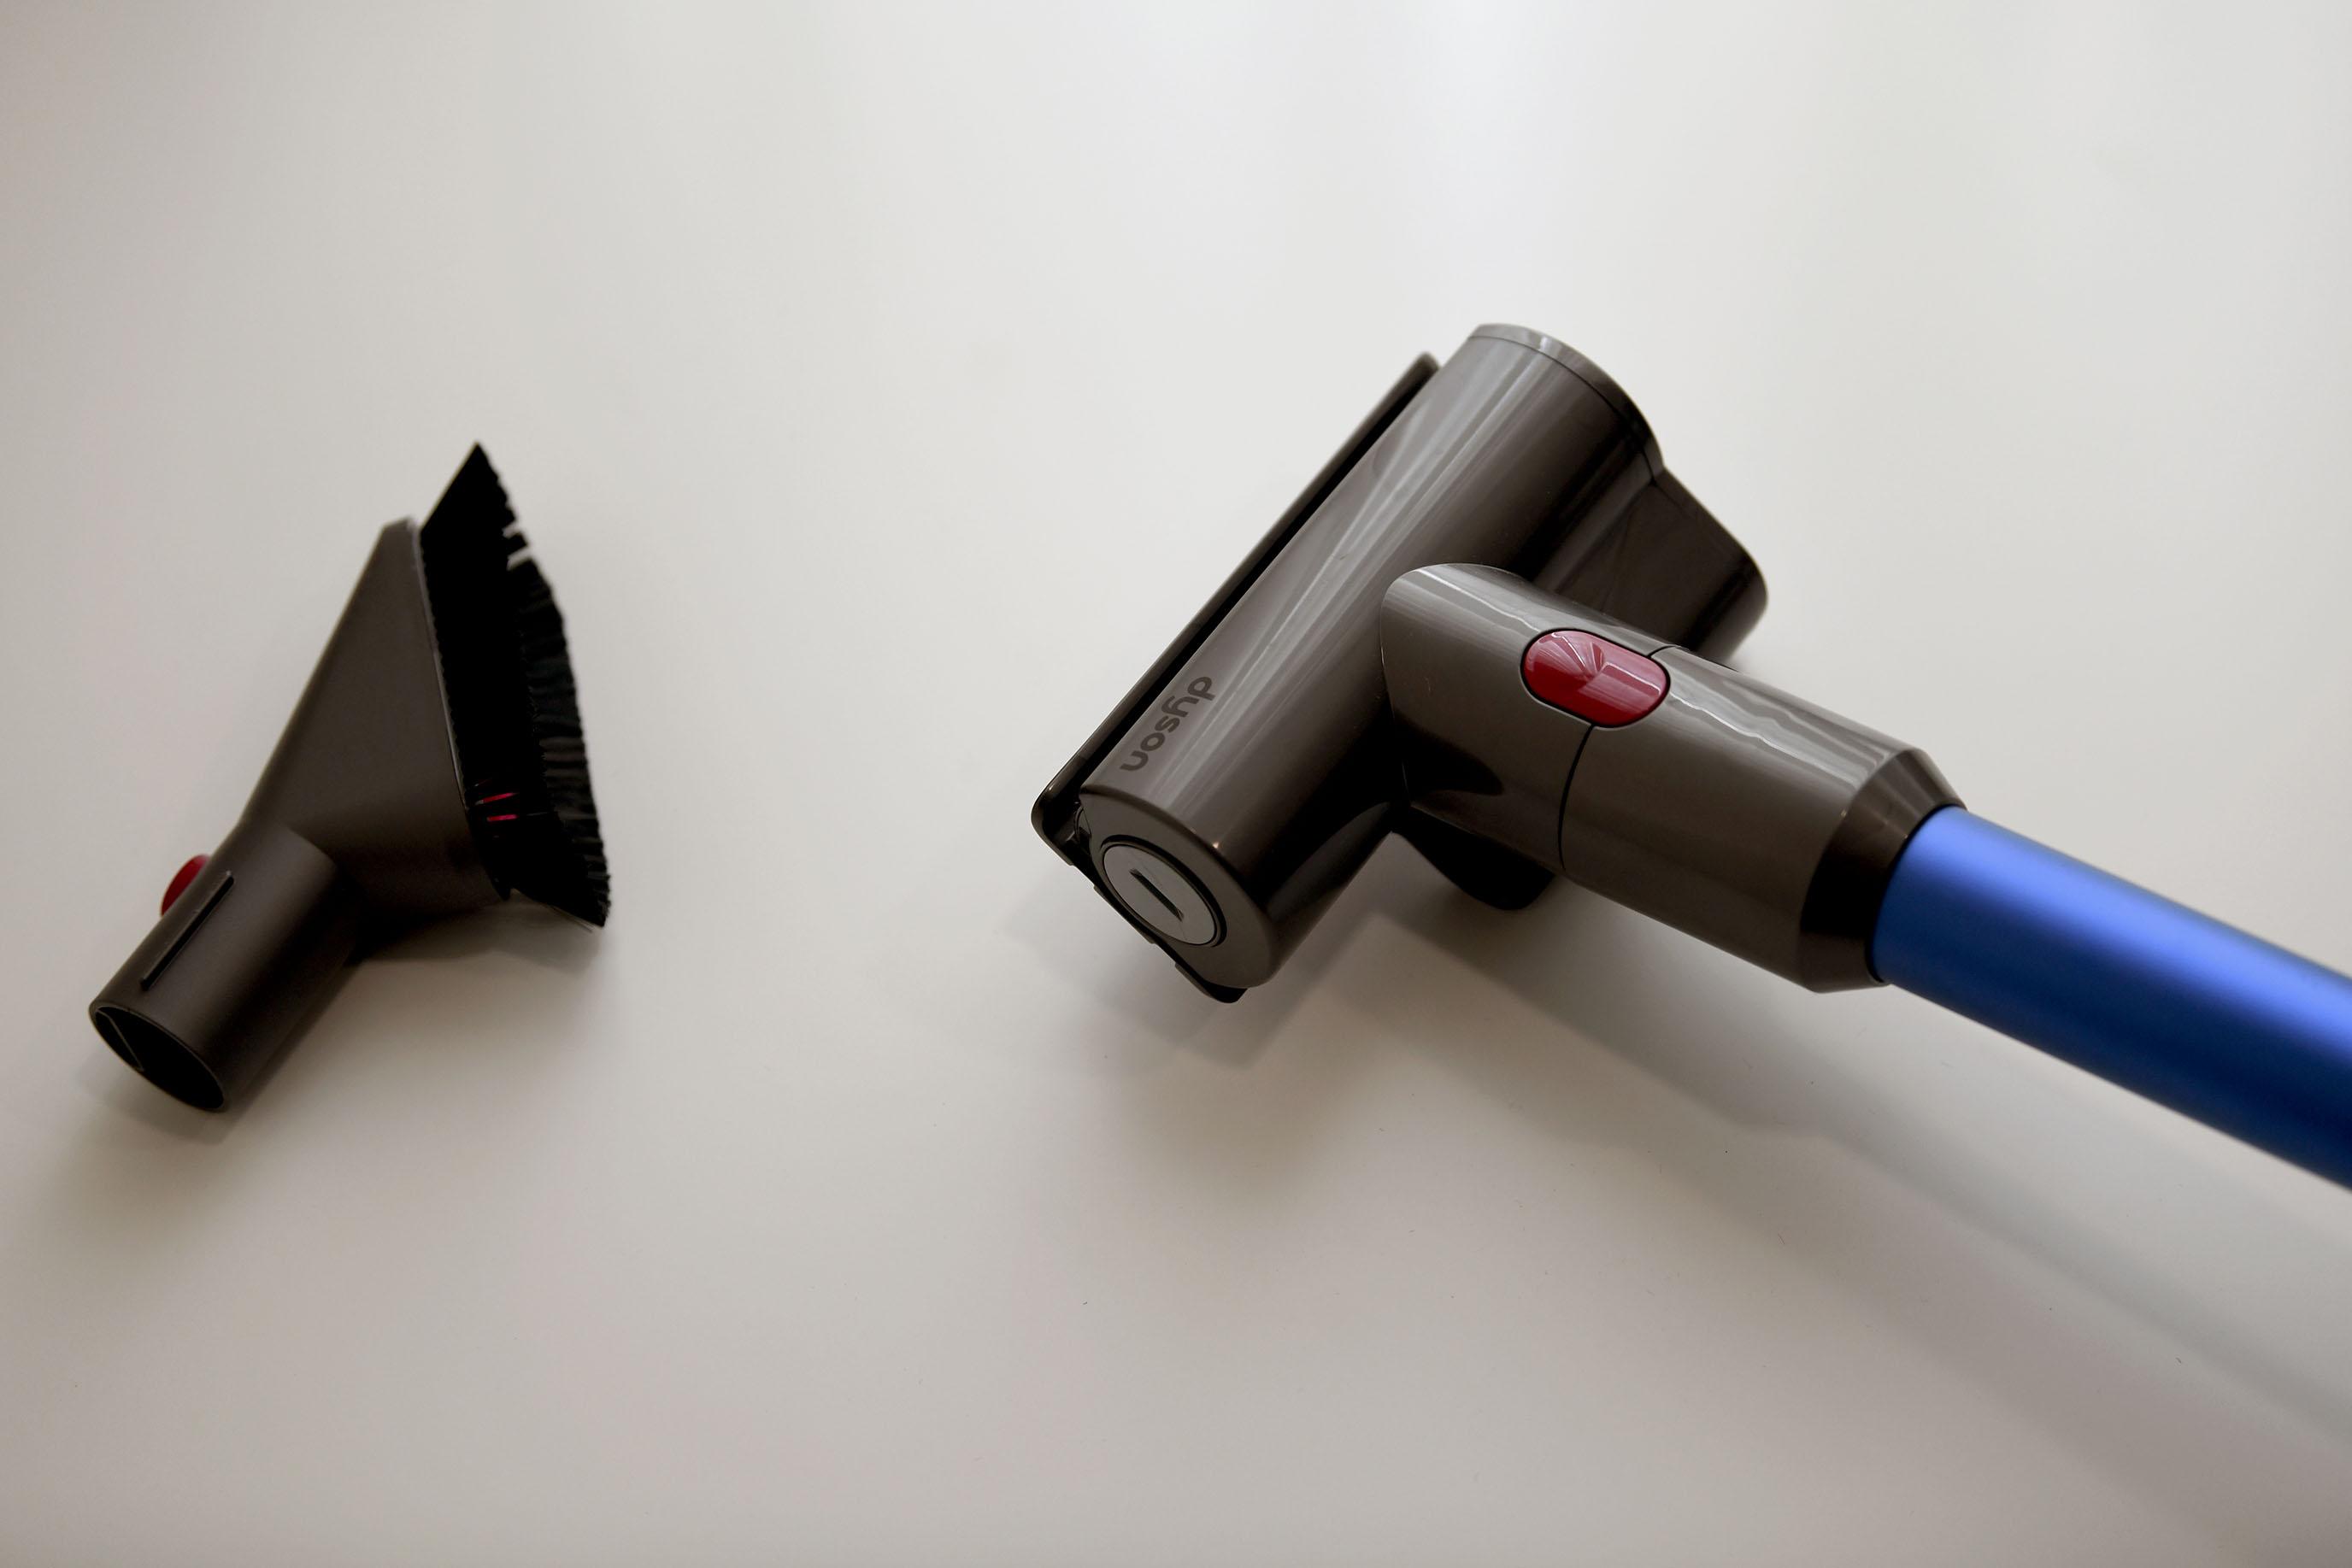 Dyson V11 Absolute   滿足細節控的清潔日常,我用簡單,實現美好。